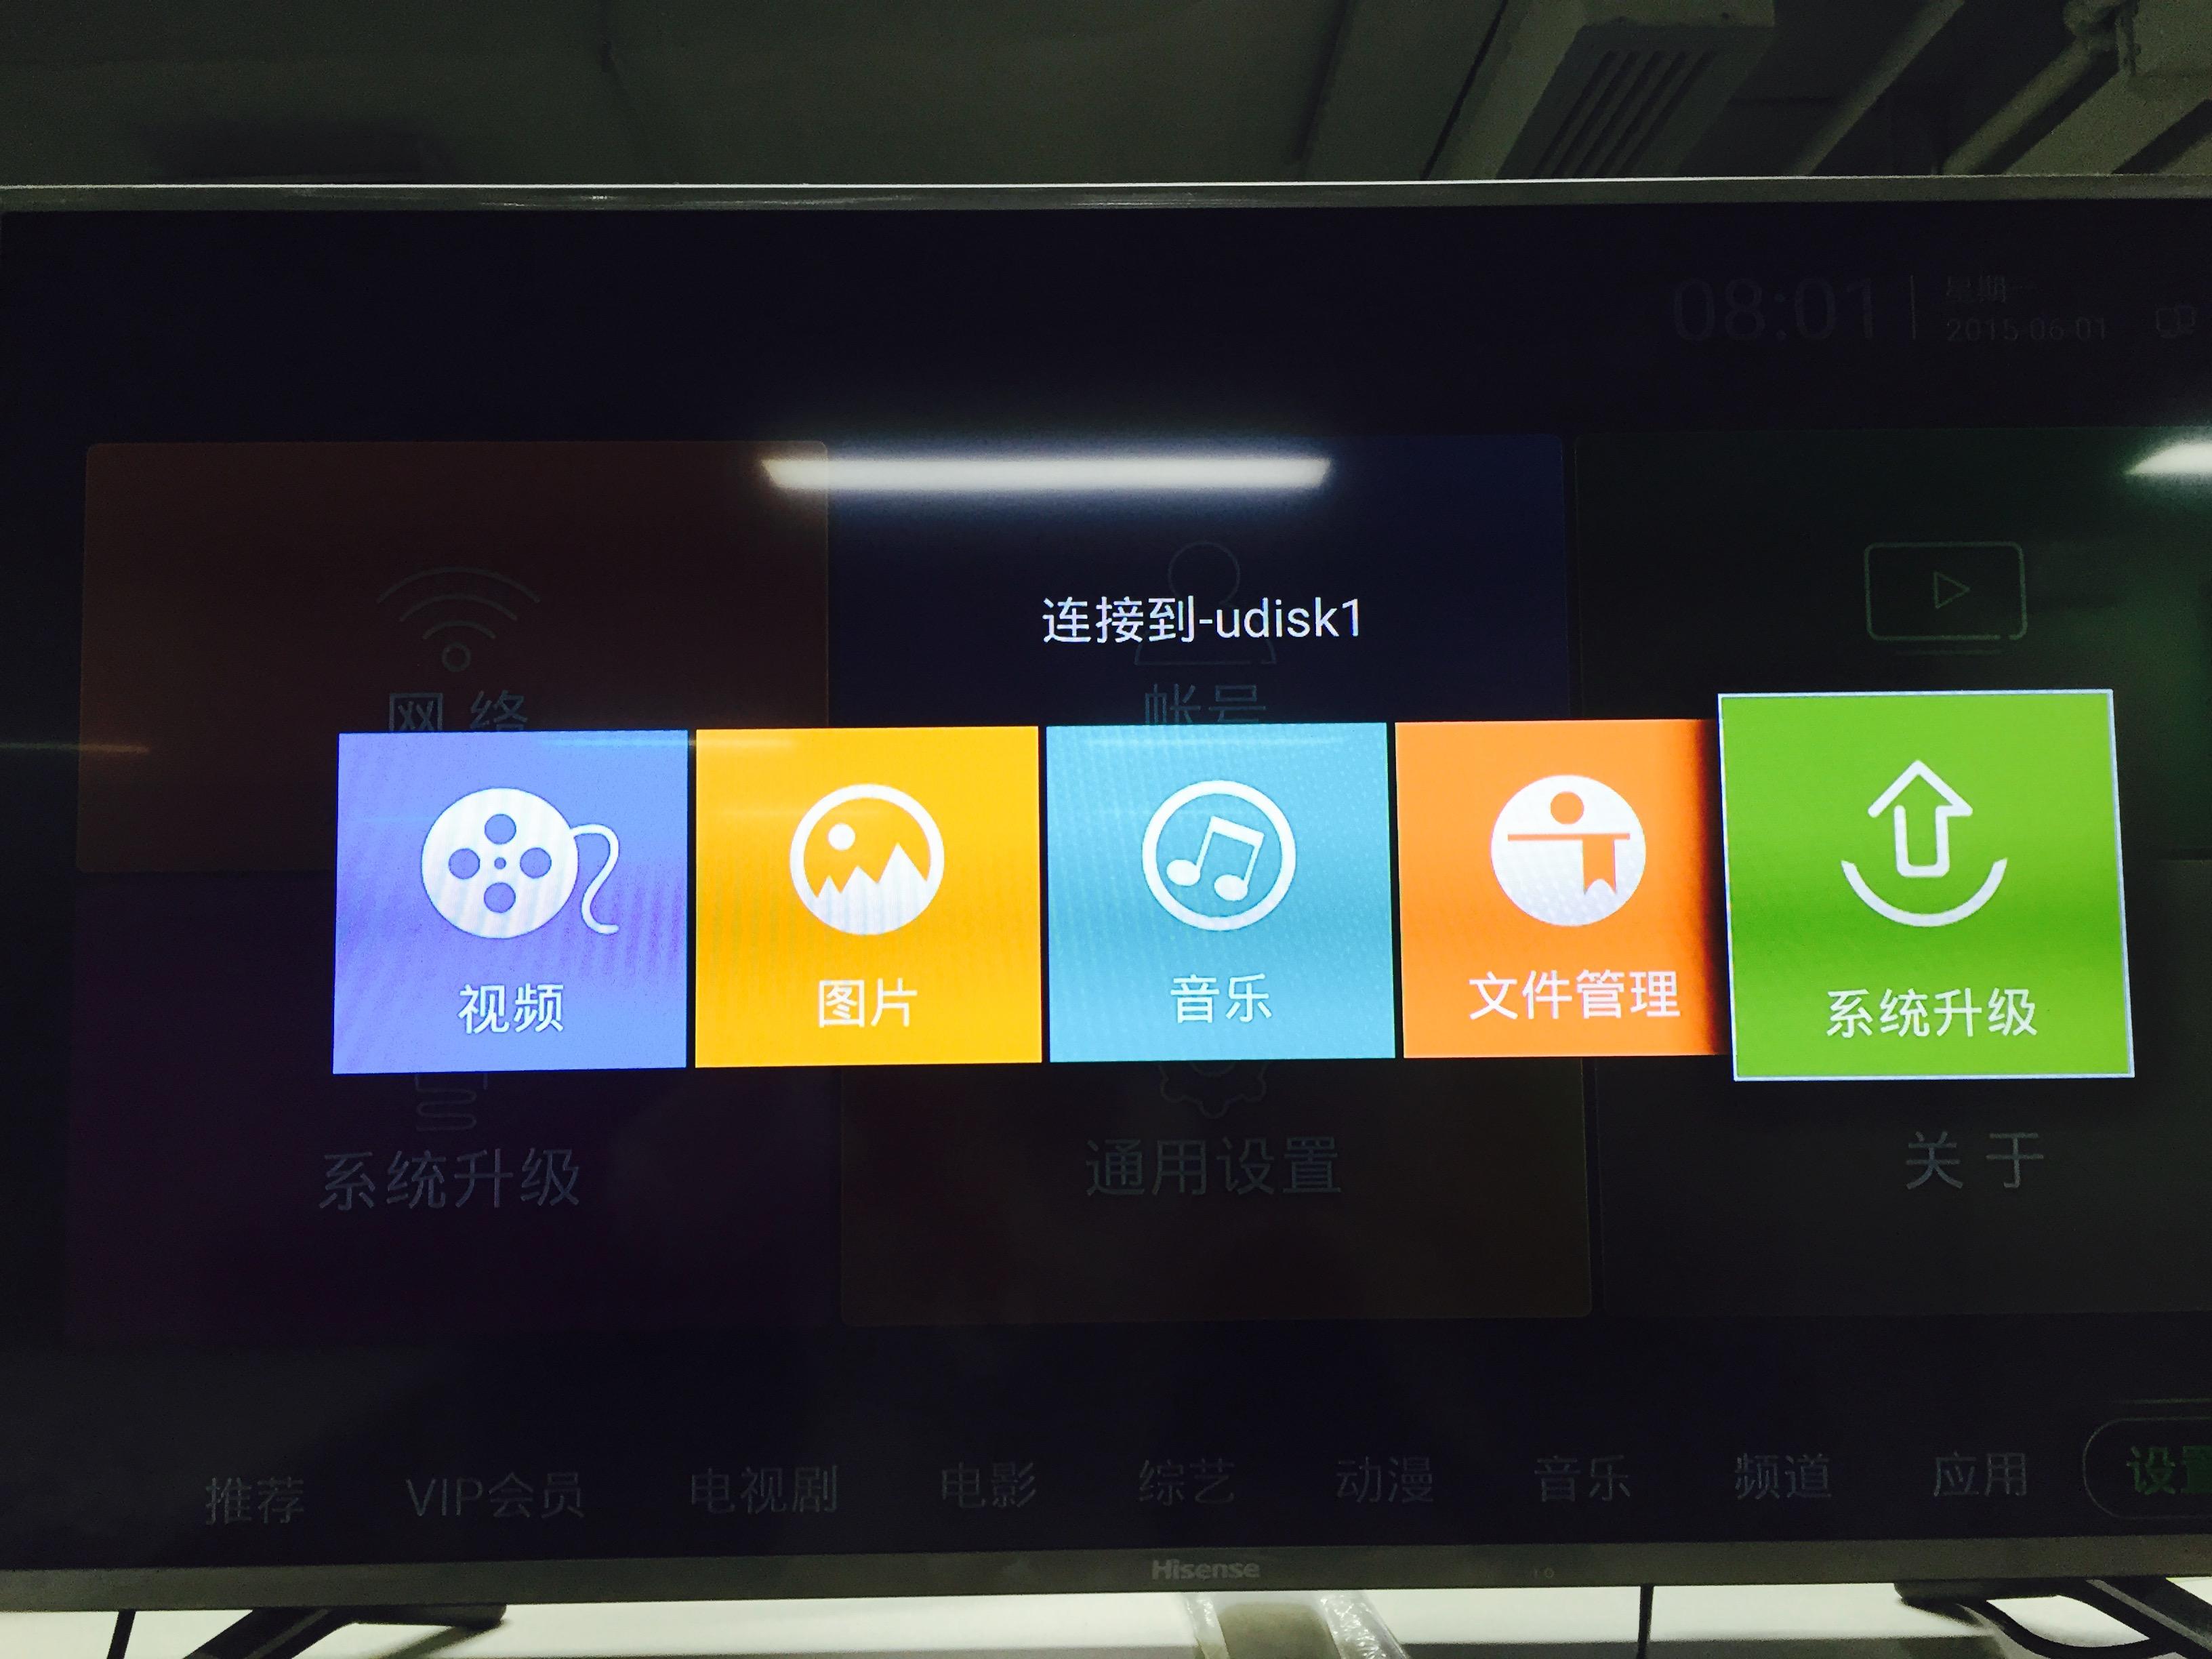 【i71S二代官方固件】1.12.04固件下载与升级(附升级教程)